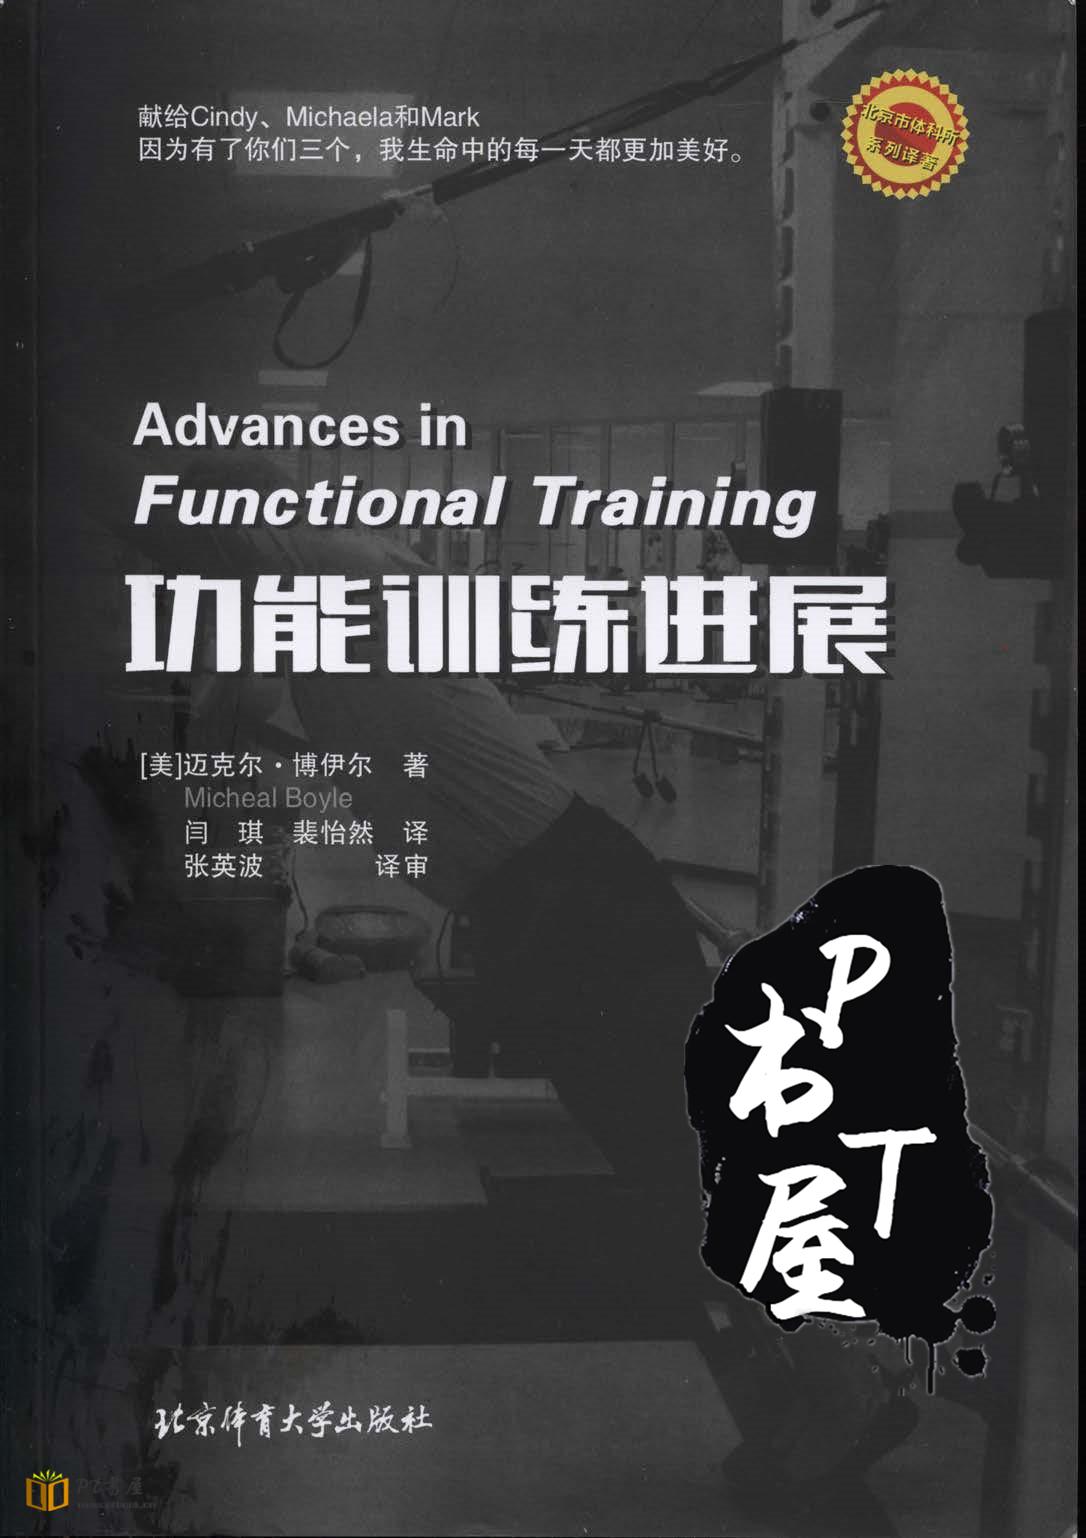 功能训练进展 Book Cover